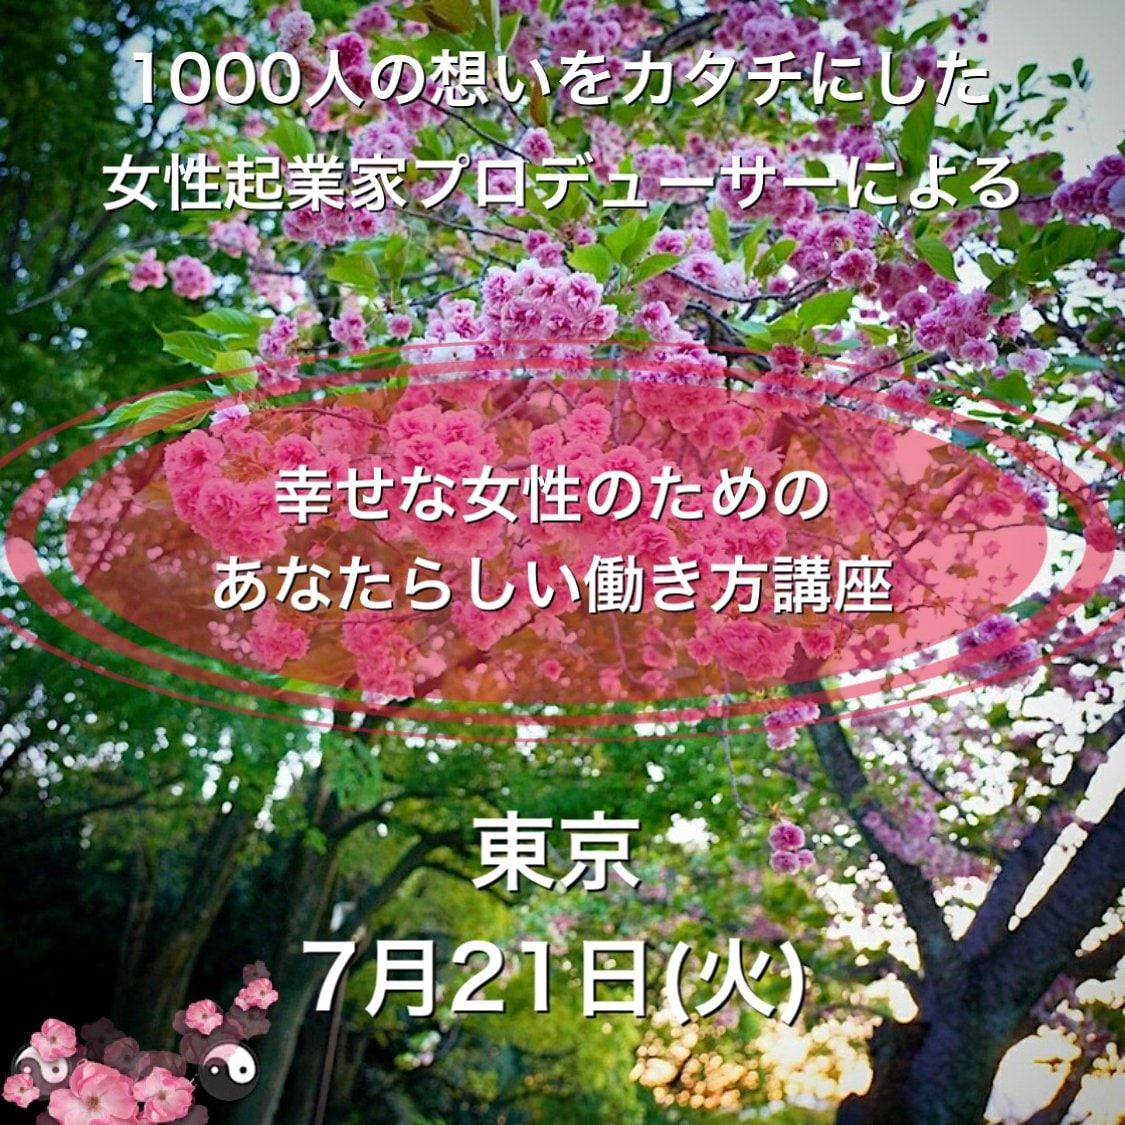 幸せな女性のためのあなたらしい働き方講座・東京【7月21日(火)19時〜22時】のイメージその1